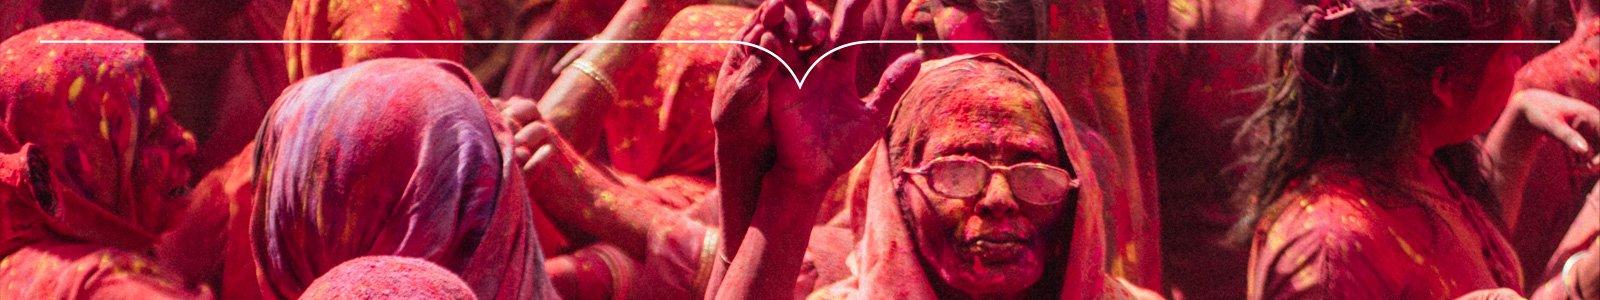 Vrouwen onder de roze verf in traditioneel ritueel